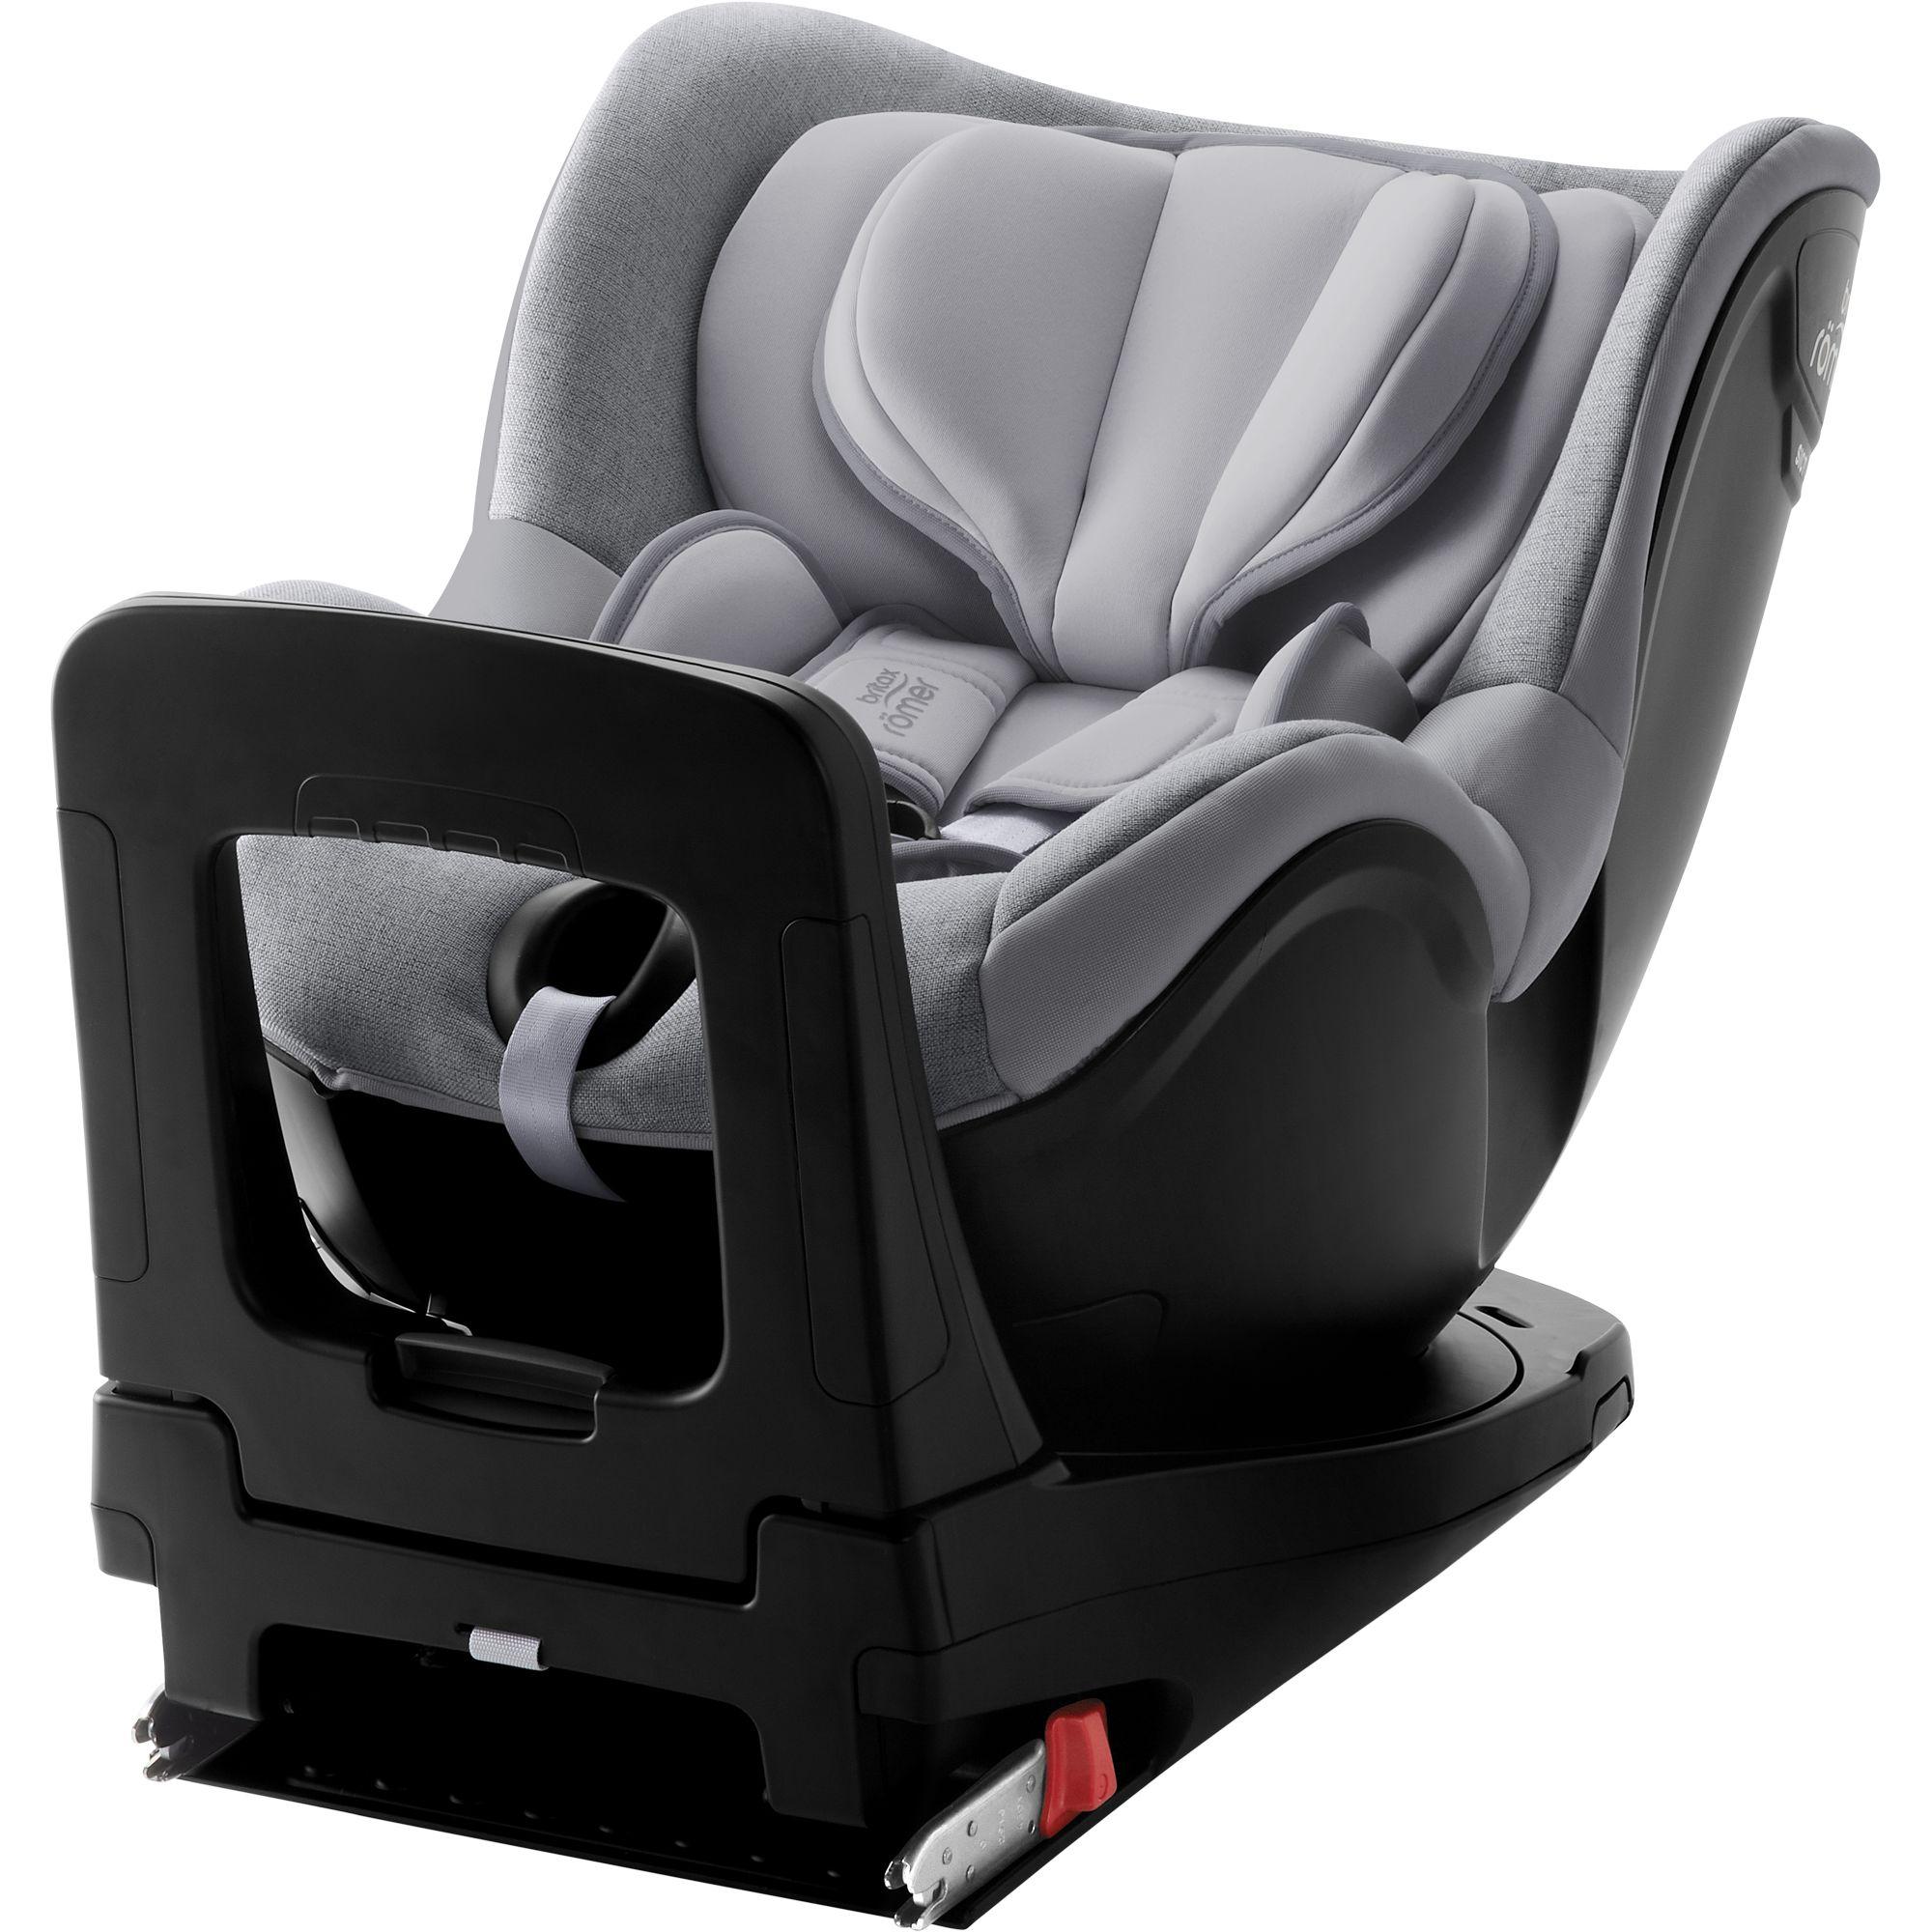 ROMER Dualfix i-Size Grey Marble 2020